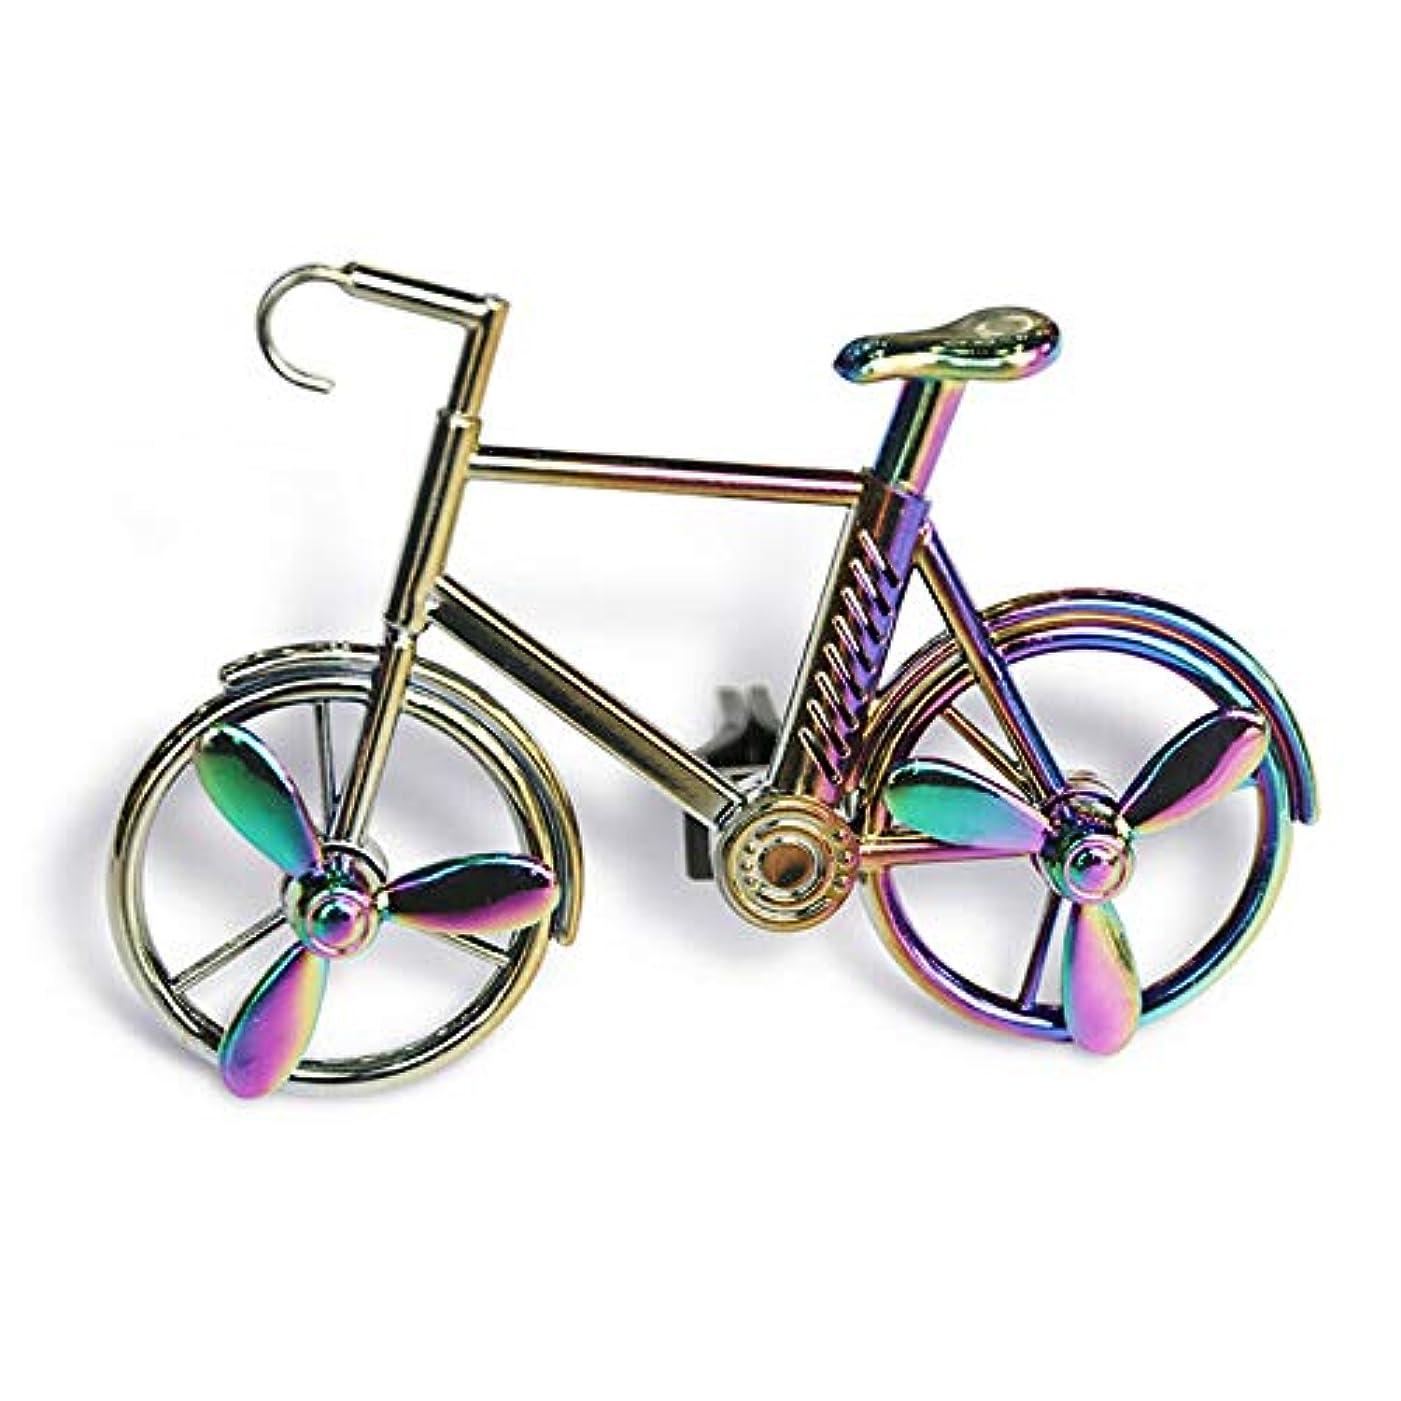 民兵施し忘れるSymboat 車の芳香剤車の出口のアロマセラピーの自動車付属品の自転車の装飾品の固体芳香車の香水